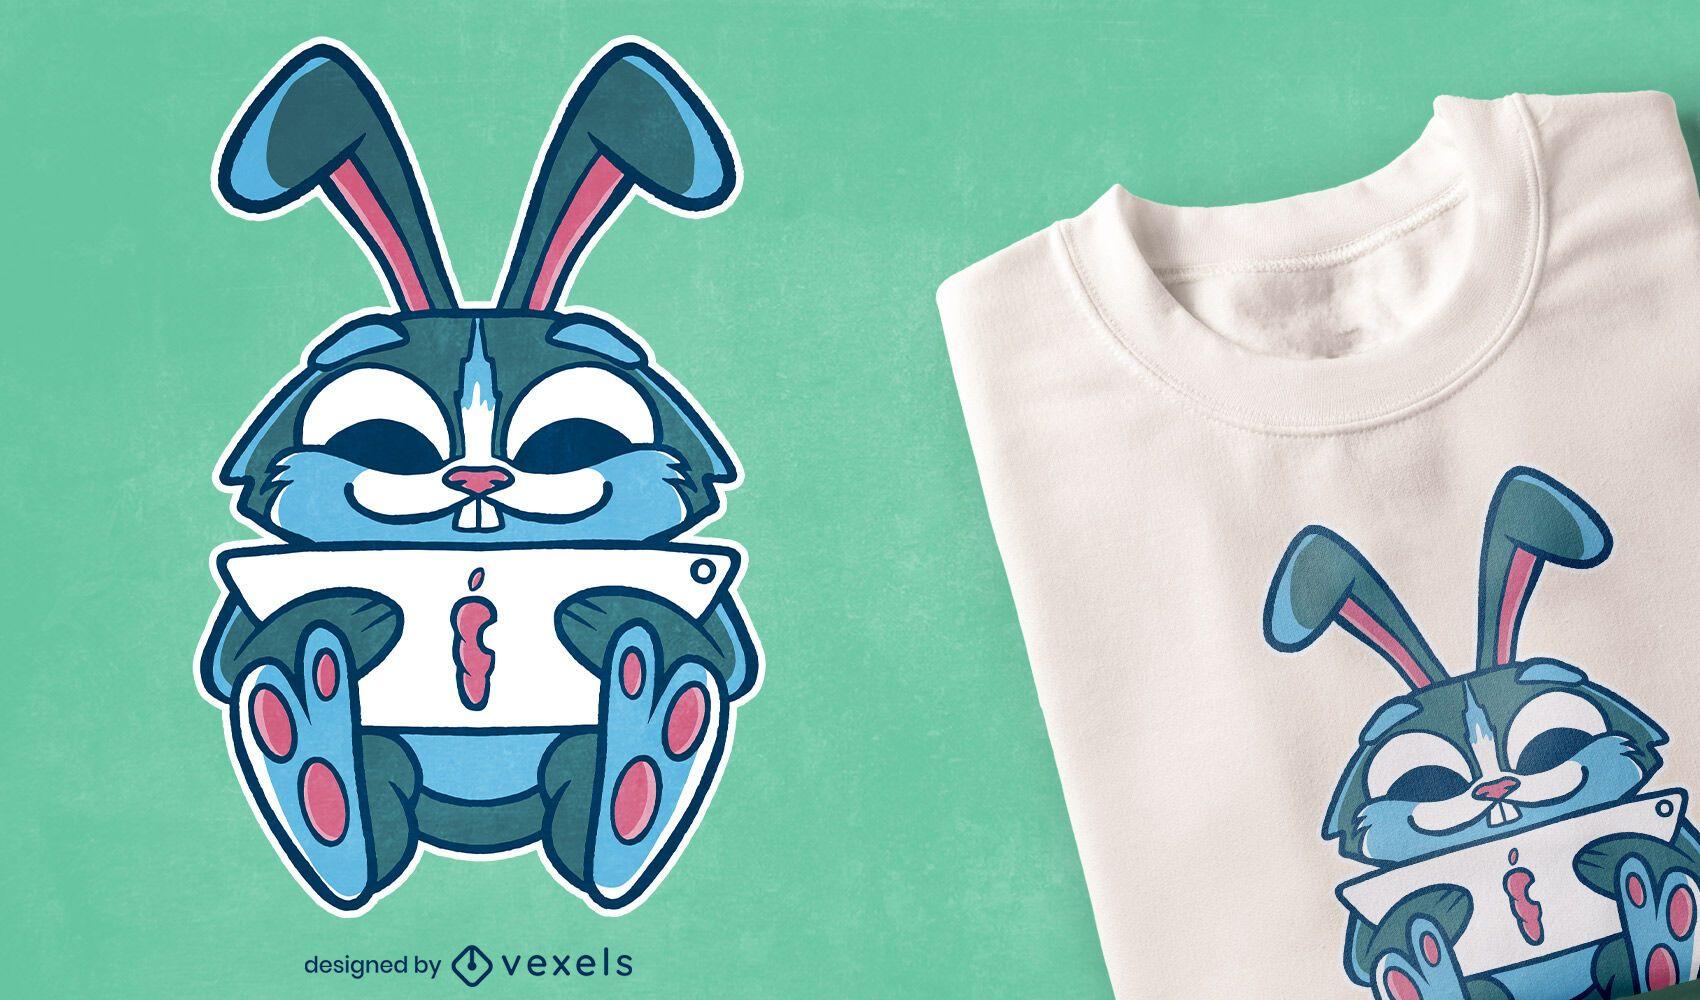 Studying bunny t-shirt design